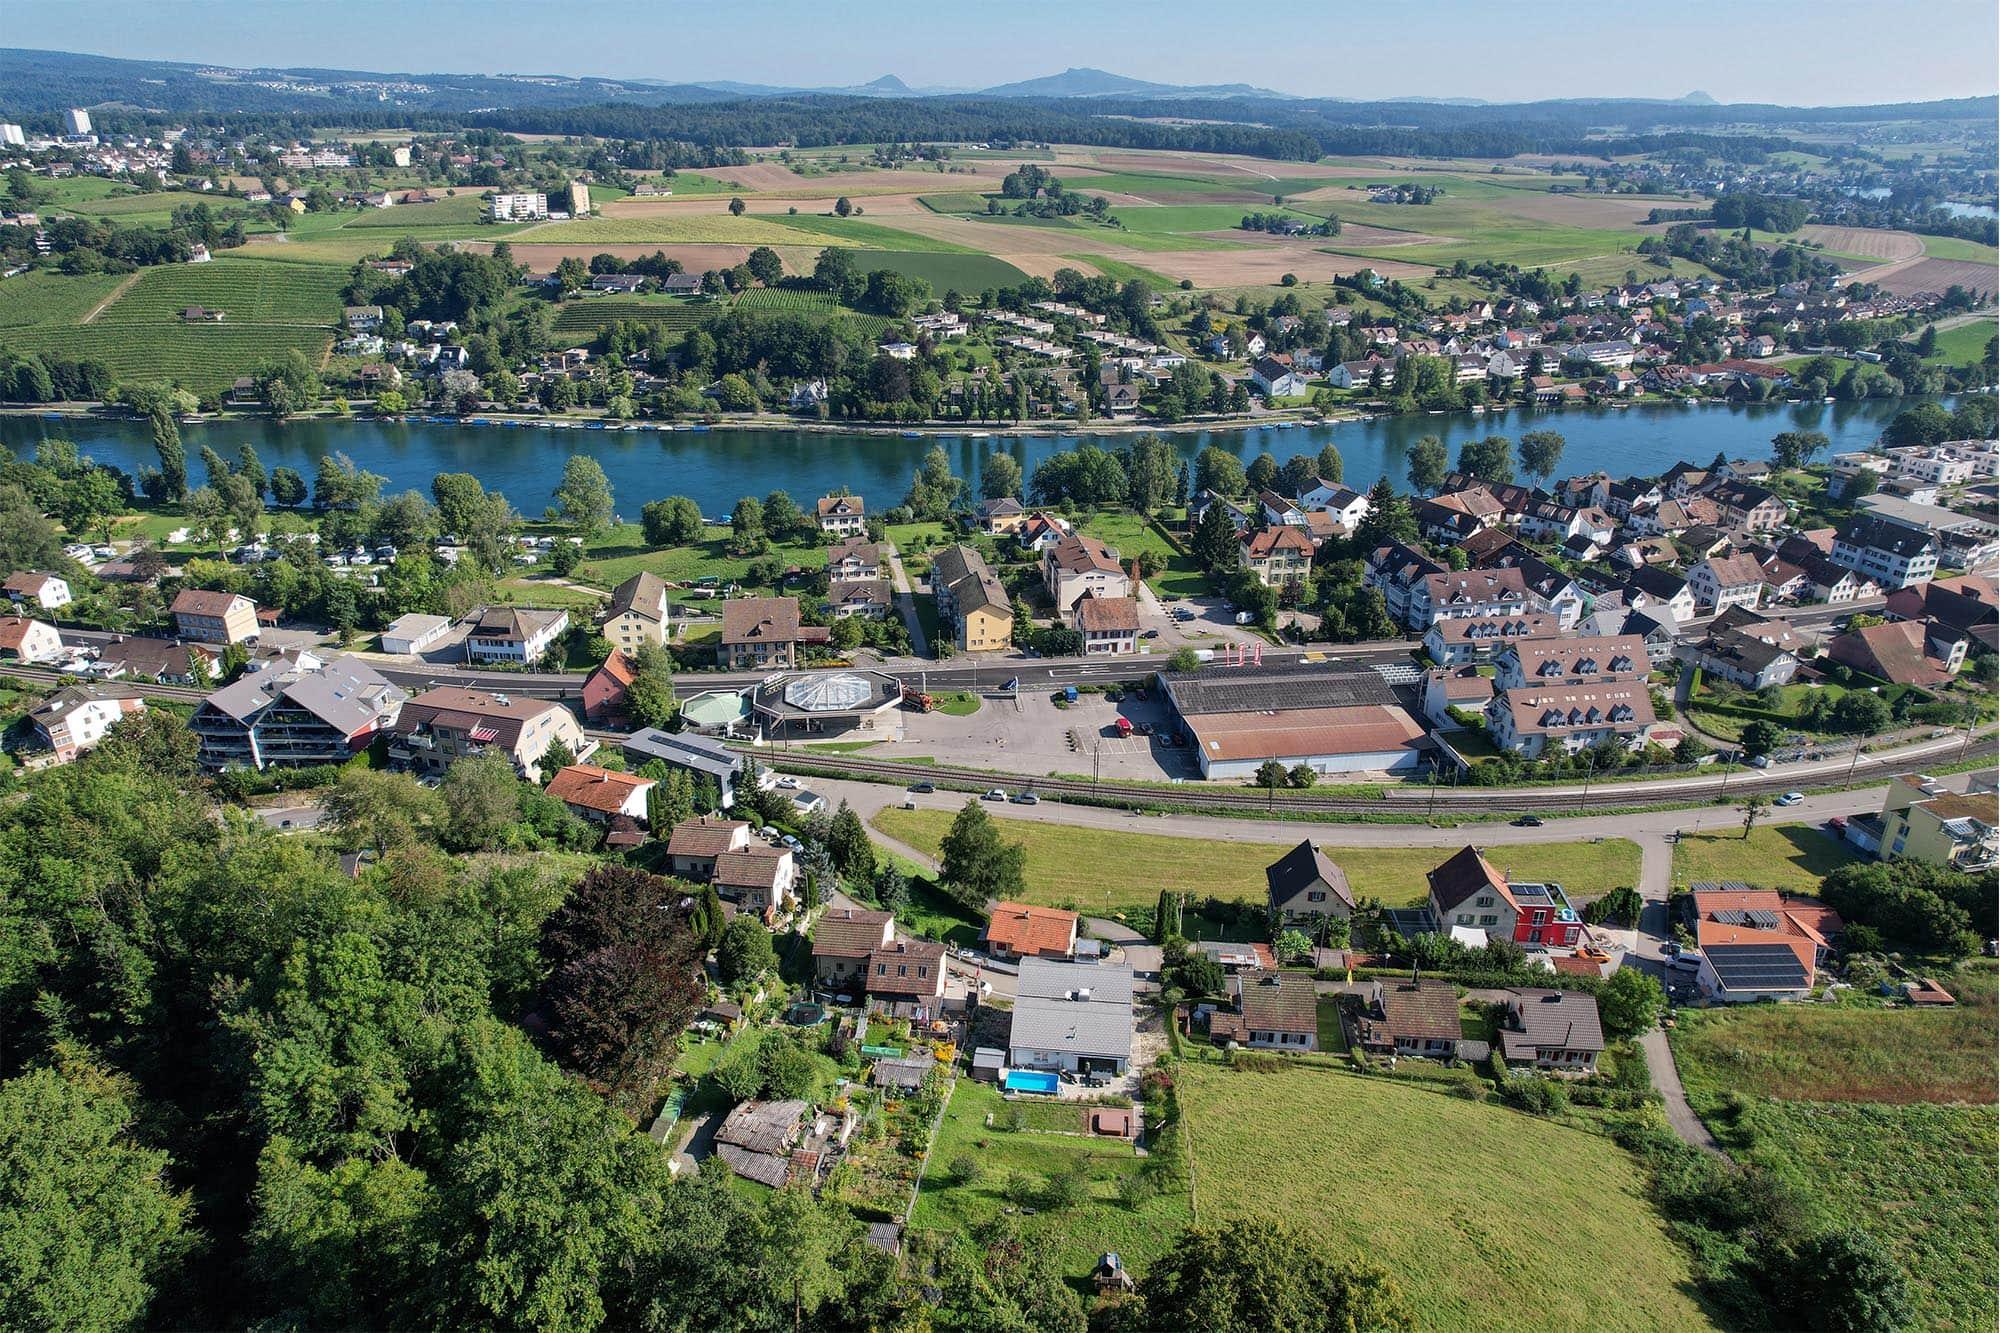 Die Immobilie zum Verkauf liegt unmittelbar am Rhein und bietet hervorragende Aussicht.